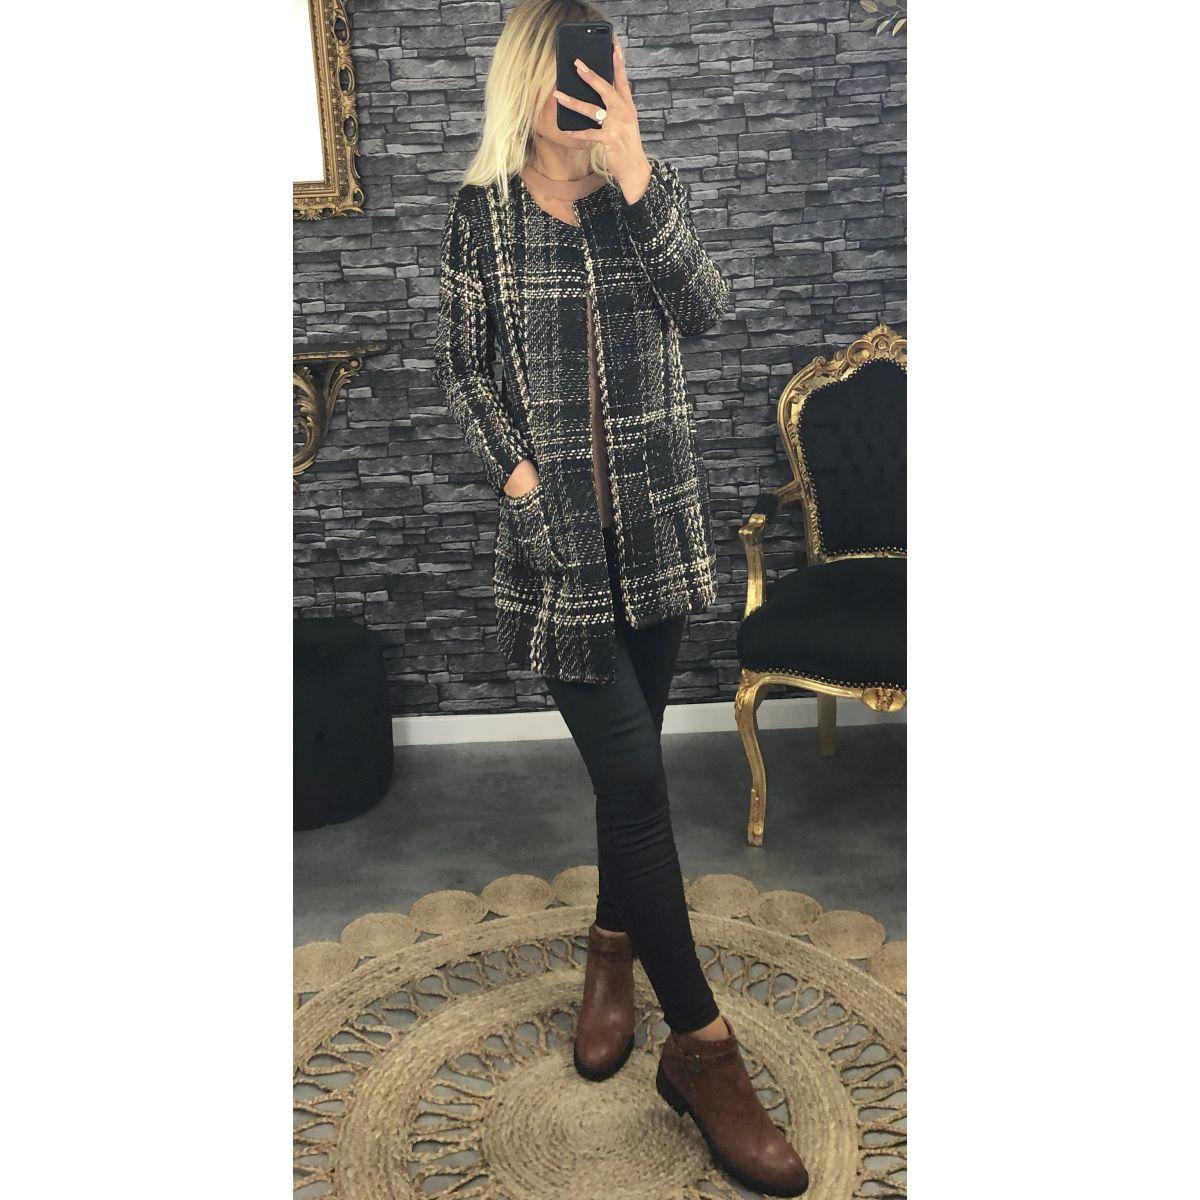 Veste en lainage noir carreaux beige